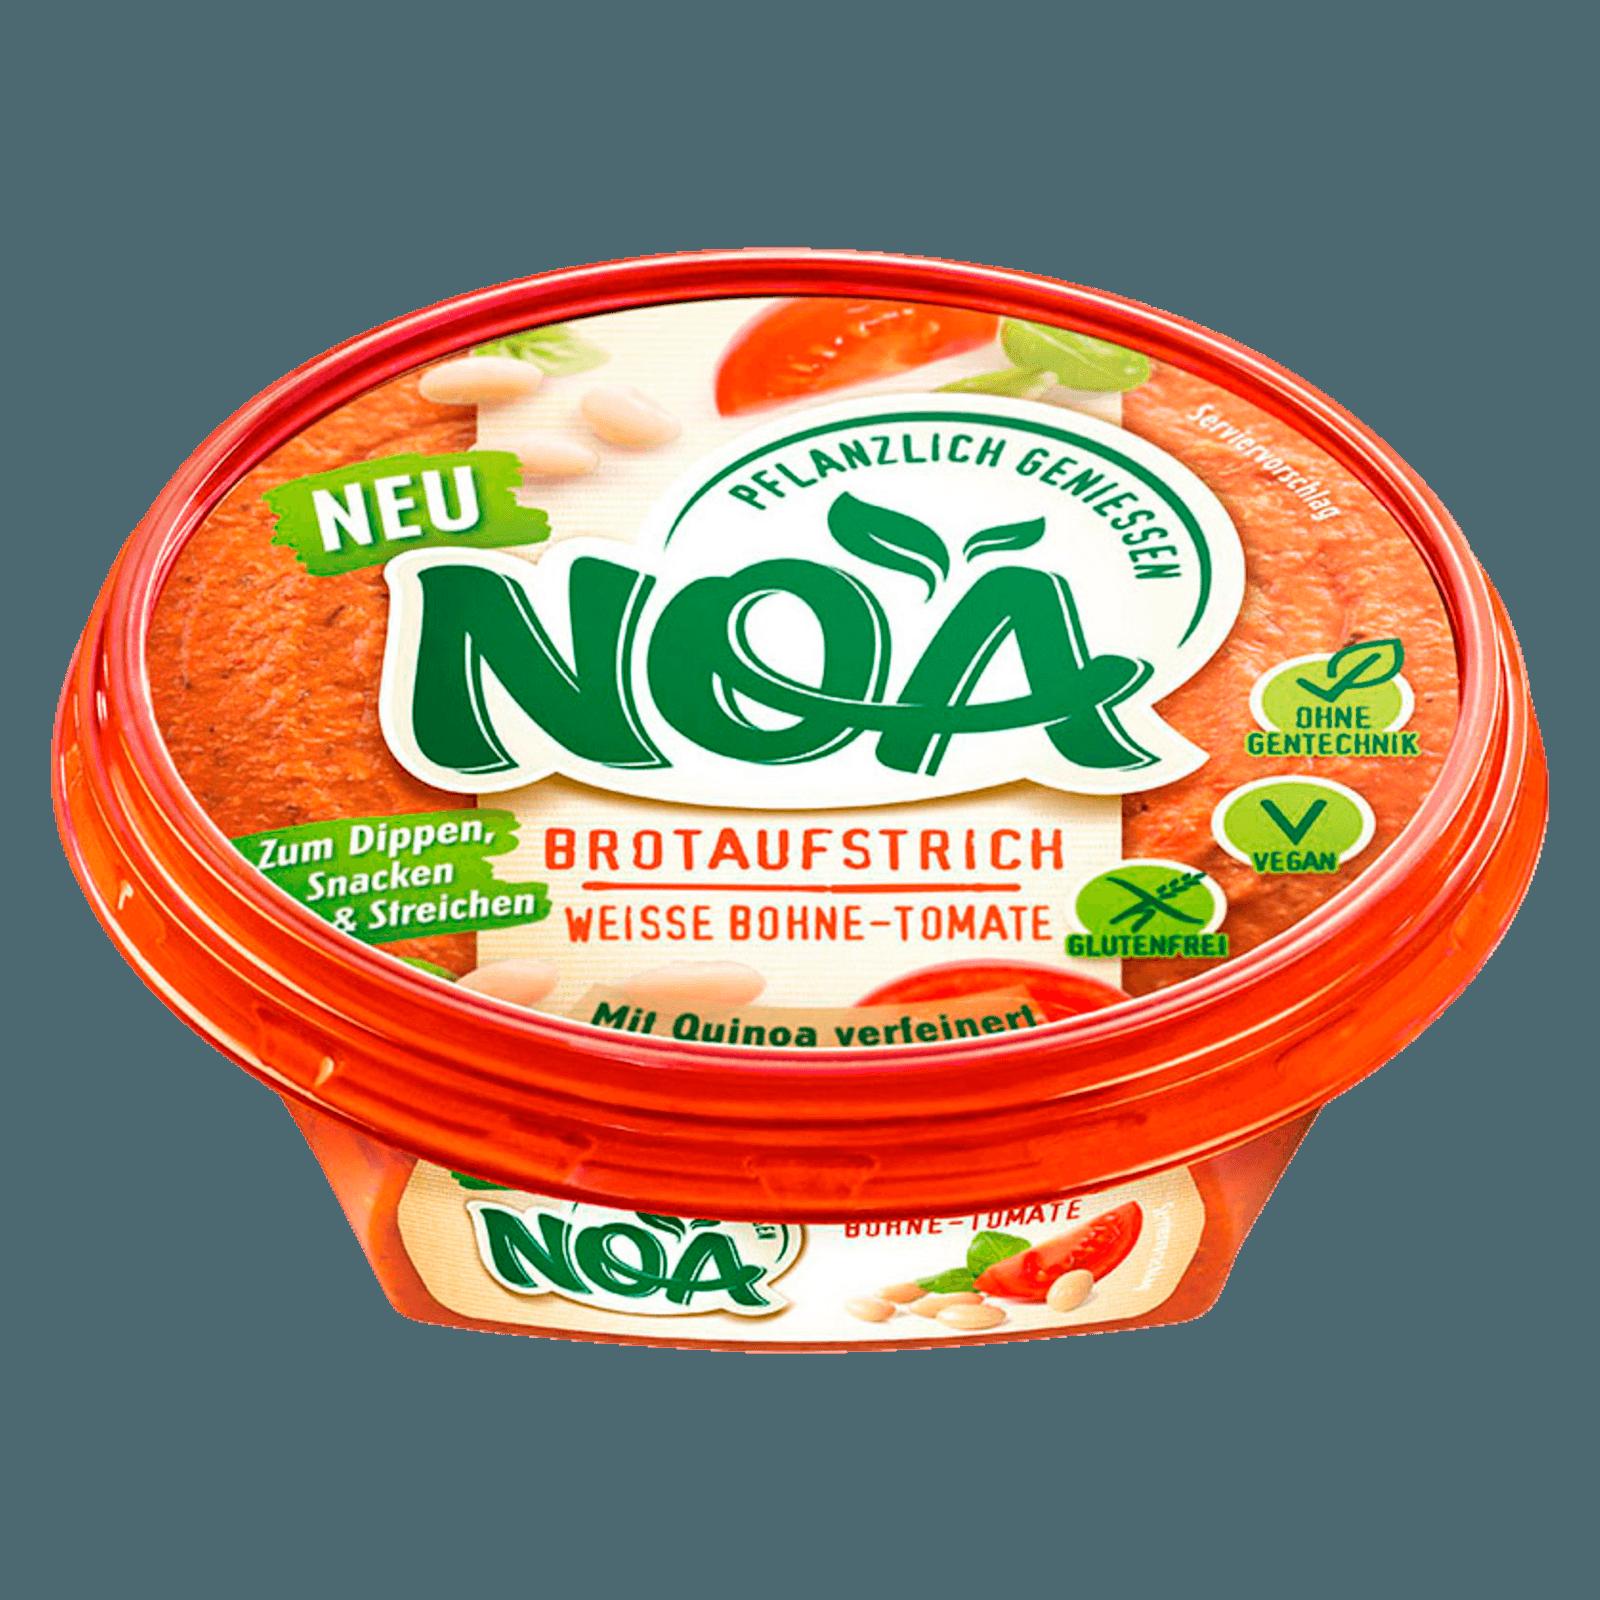 Noa Brotaufstrich Weisse Bohne-Tomate 175g